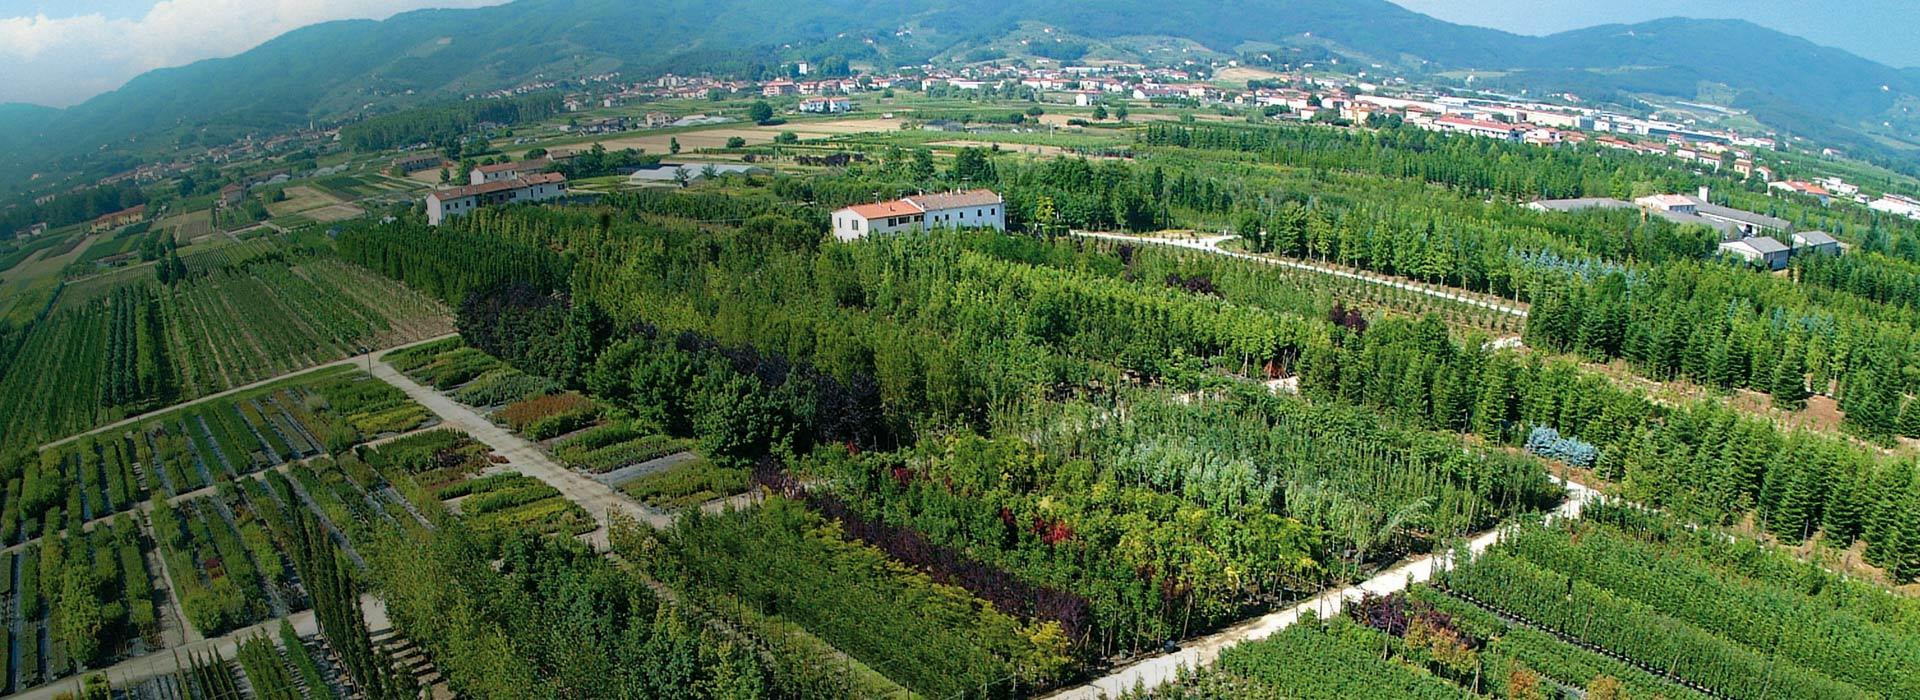 piante-ornamentali-alberature-rampicanti-piante-da-frutto